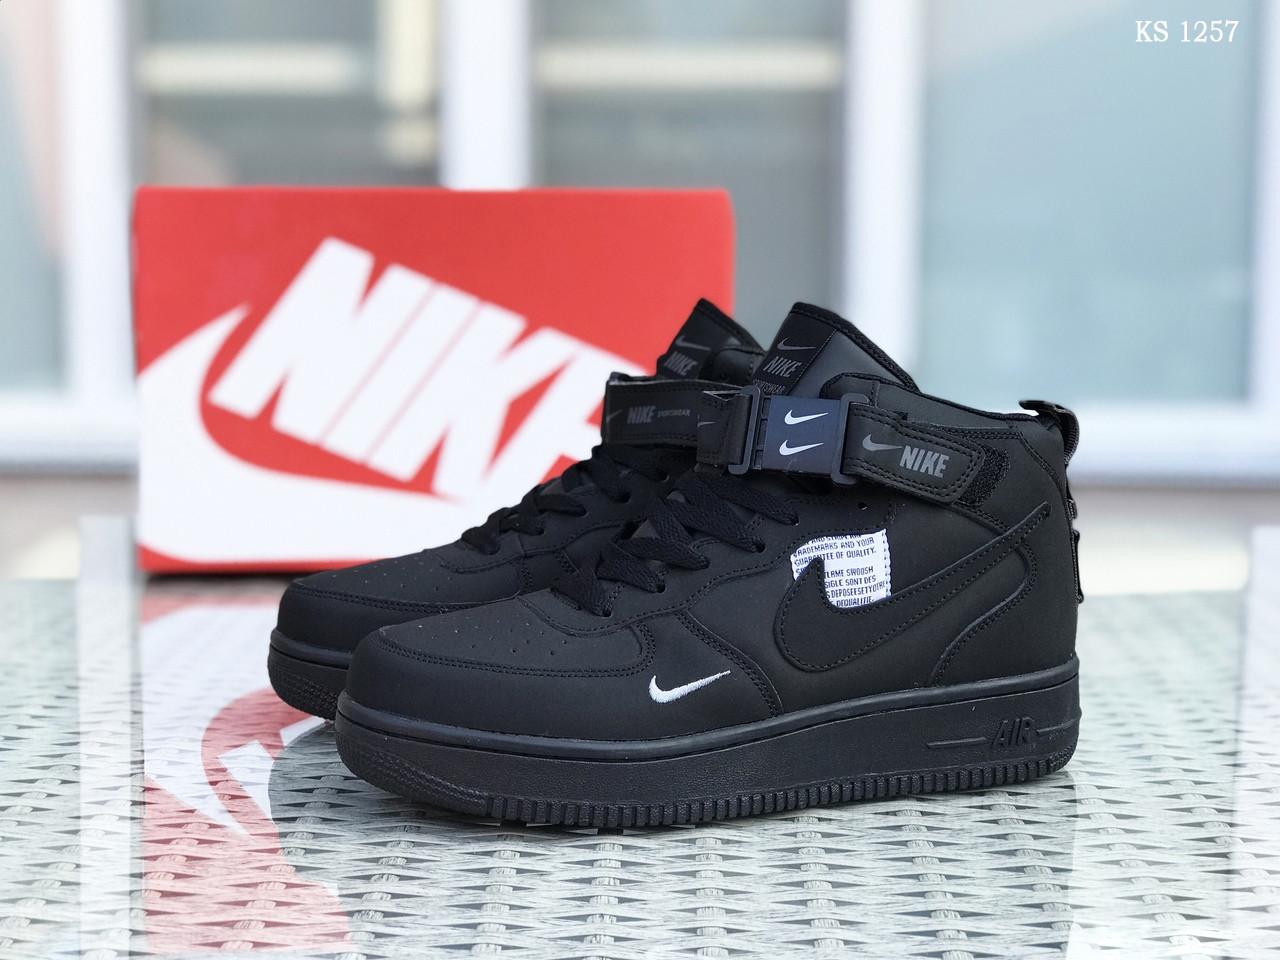 Чоловічі зимові кросівки Nike Air Force 1 LV8 High (чорні)